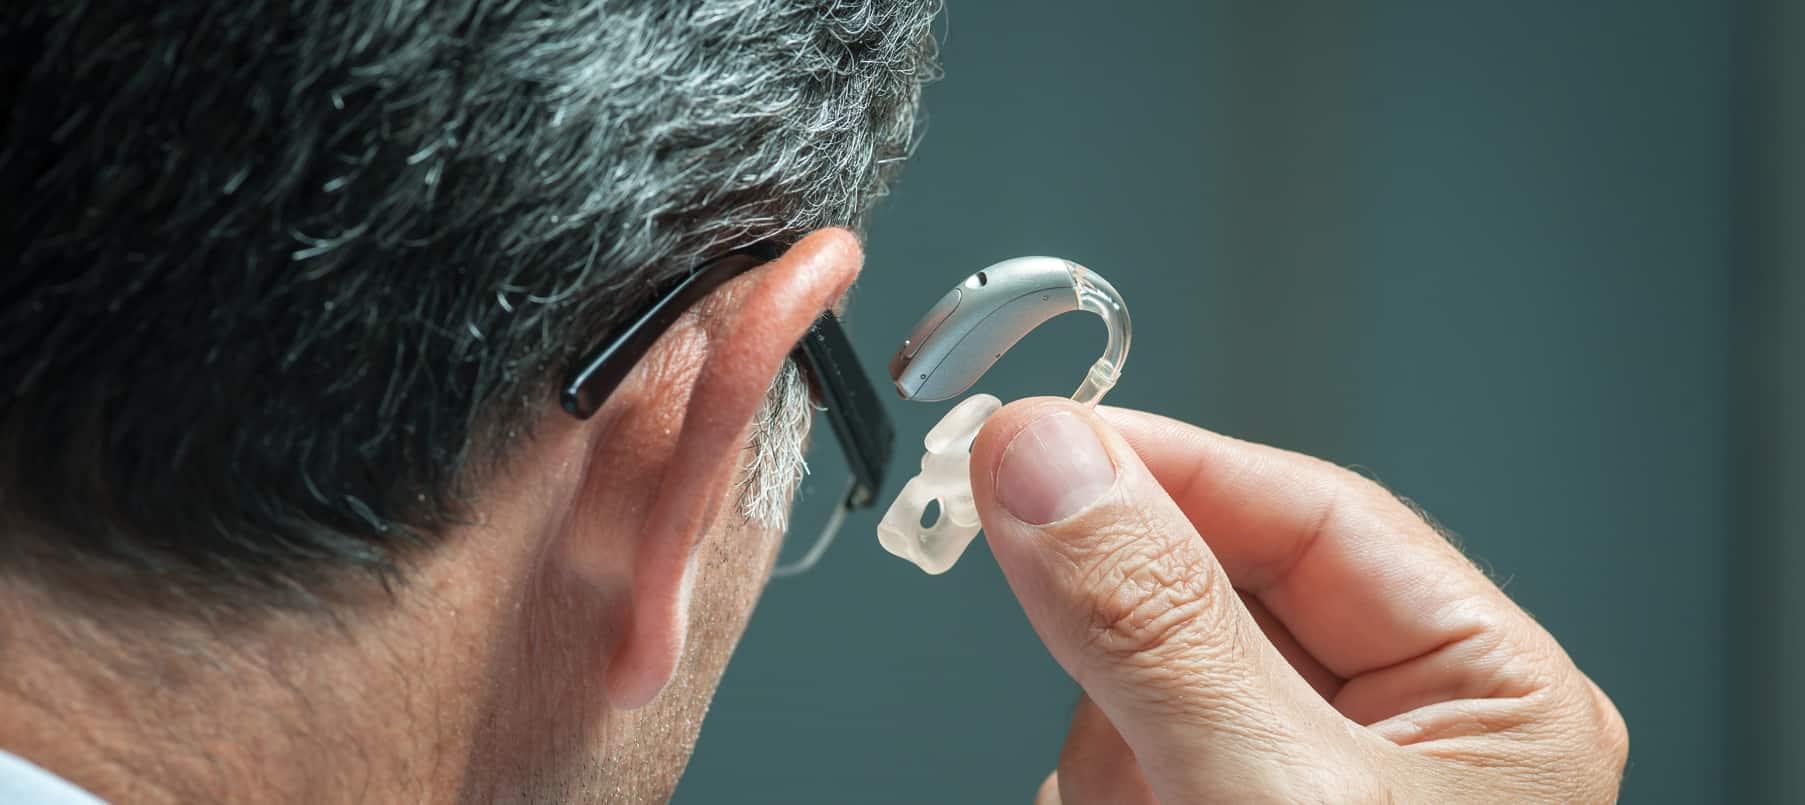 Un homme entrain d'admirer une prothèse auditive